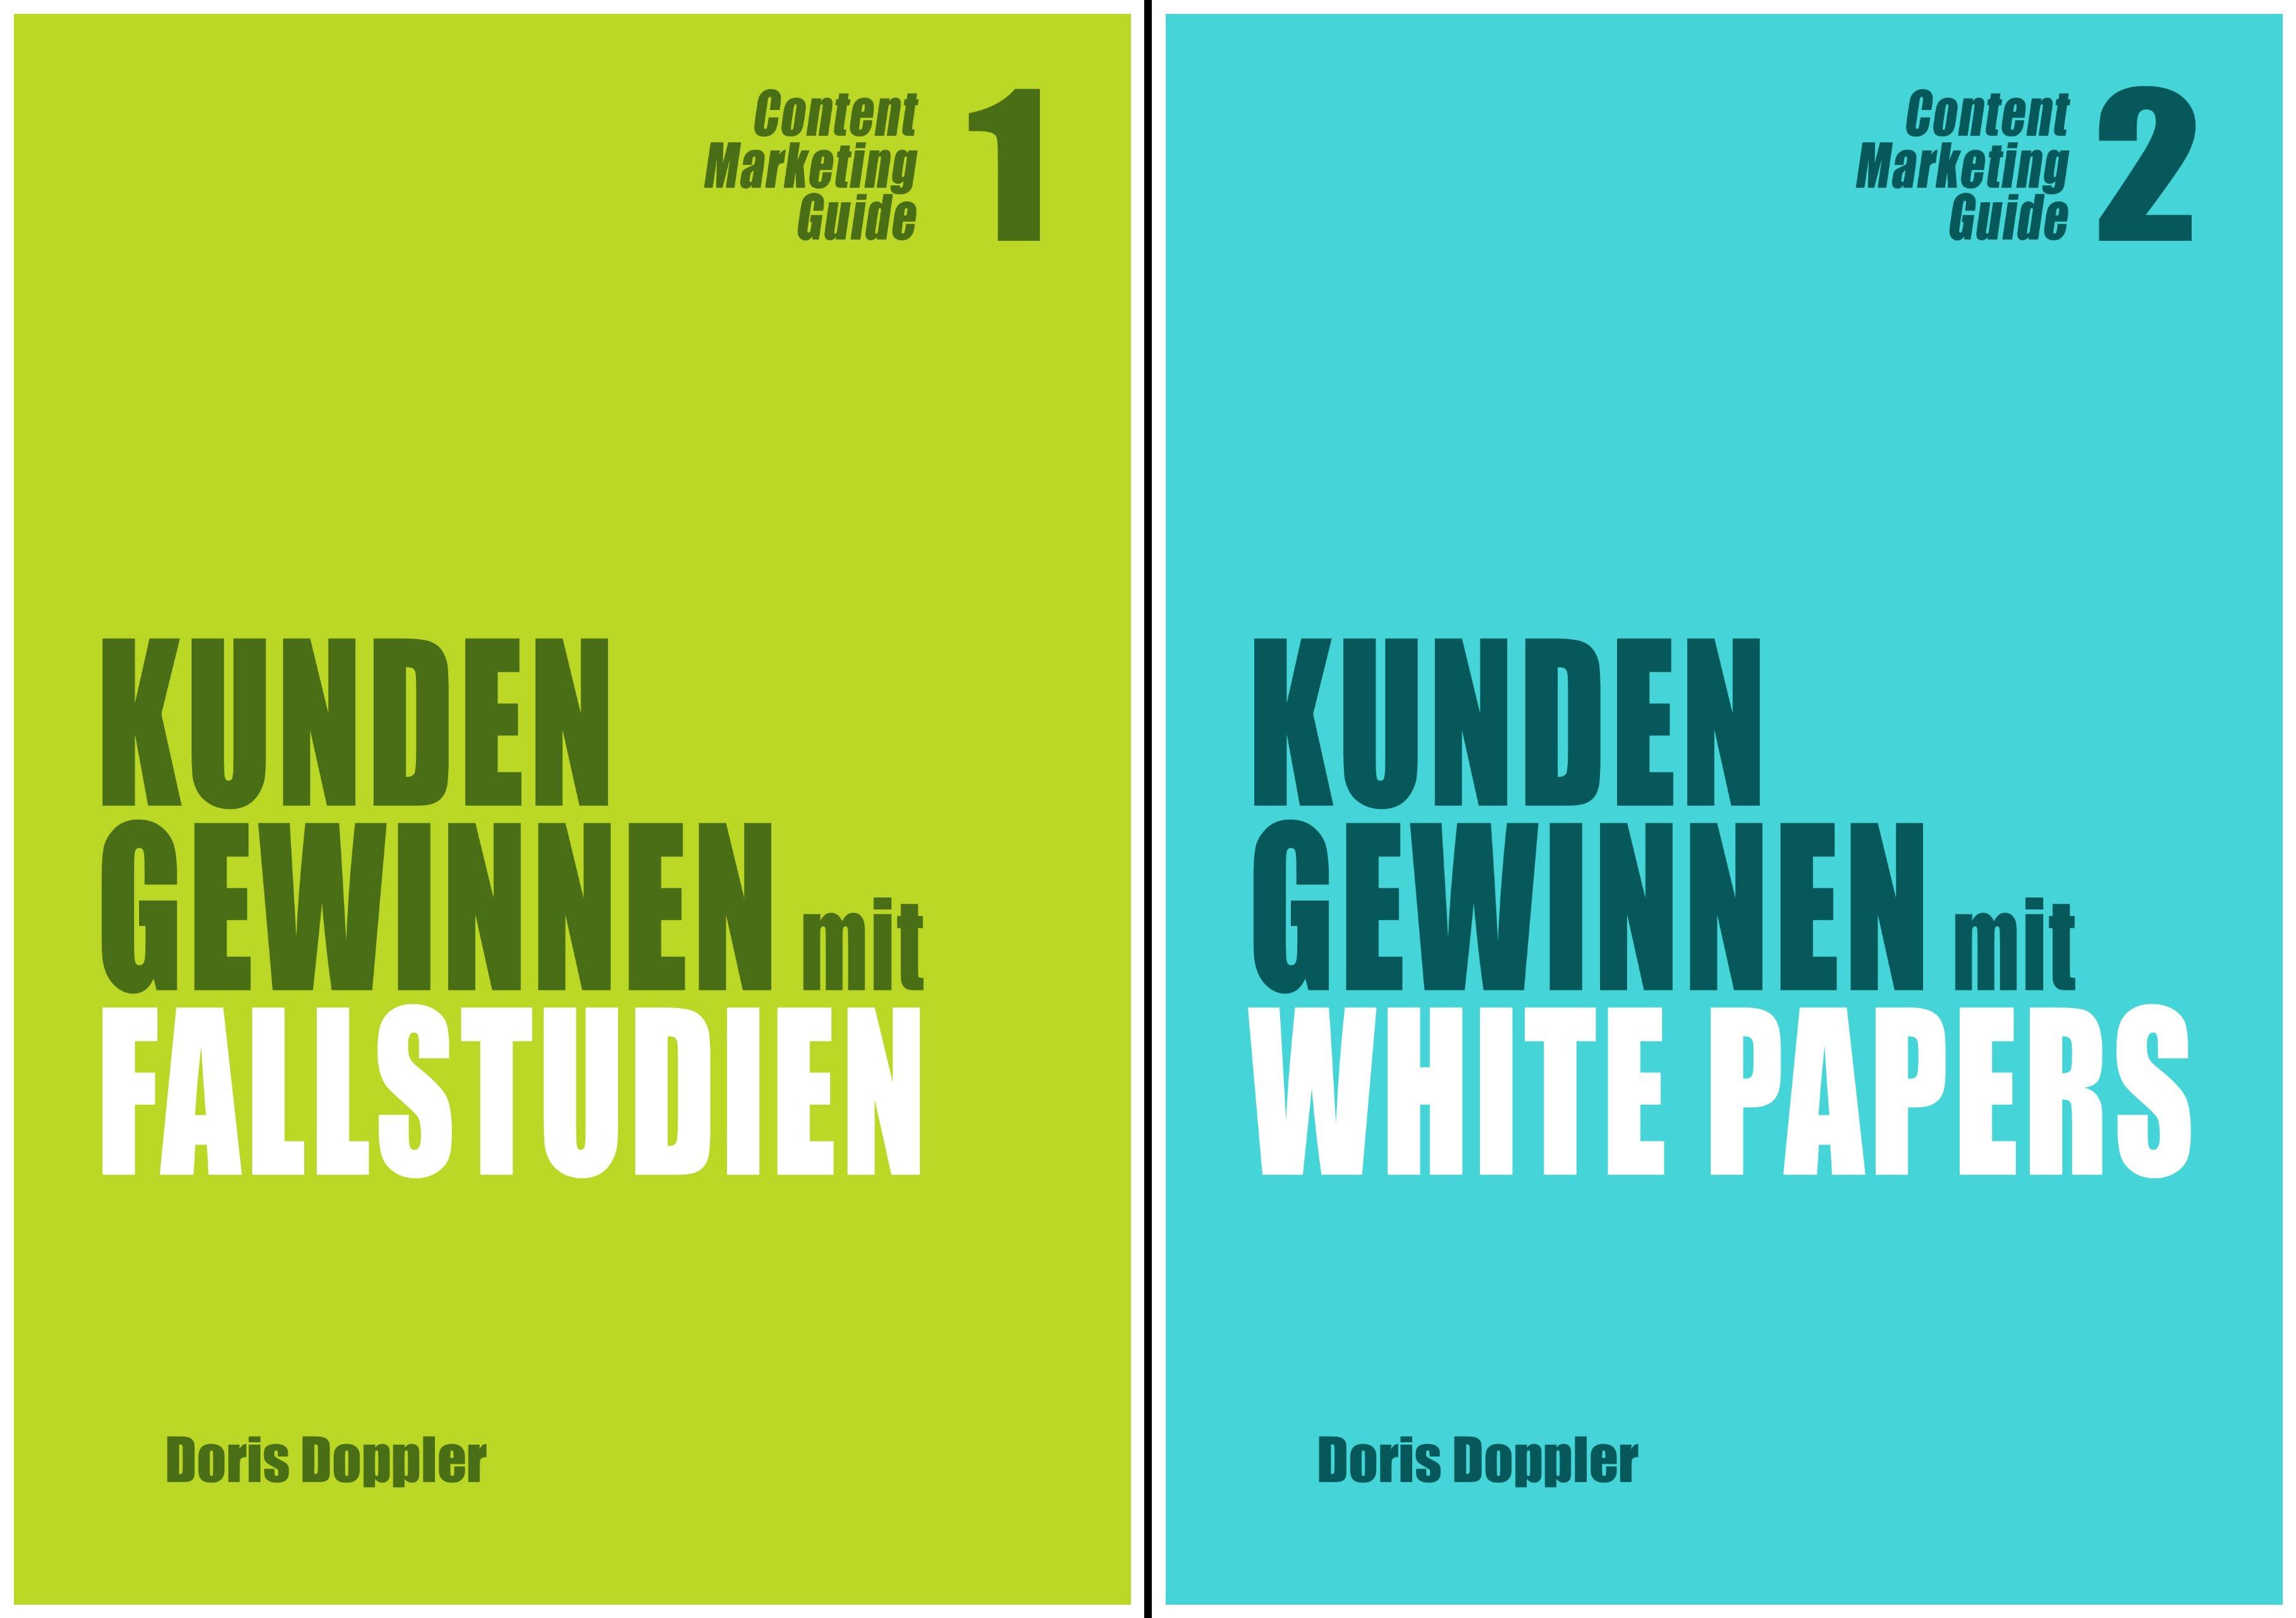 Content Marketing Guide (Reihe in 2 Bänden)